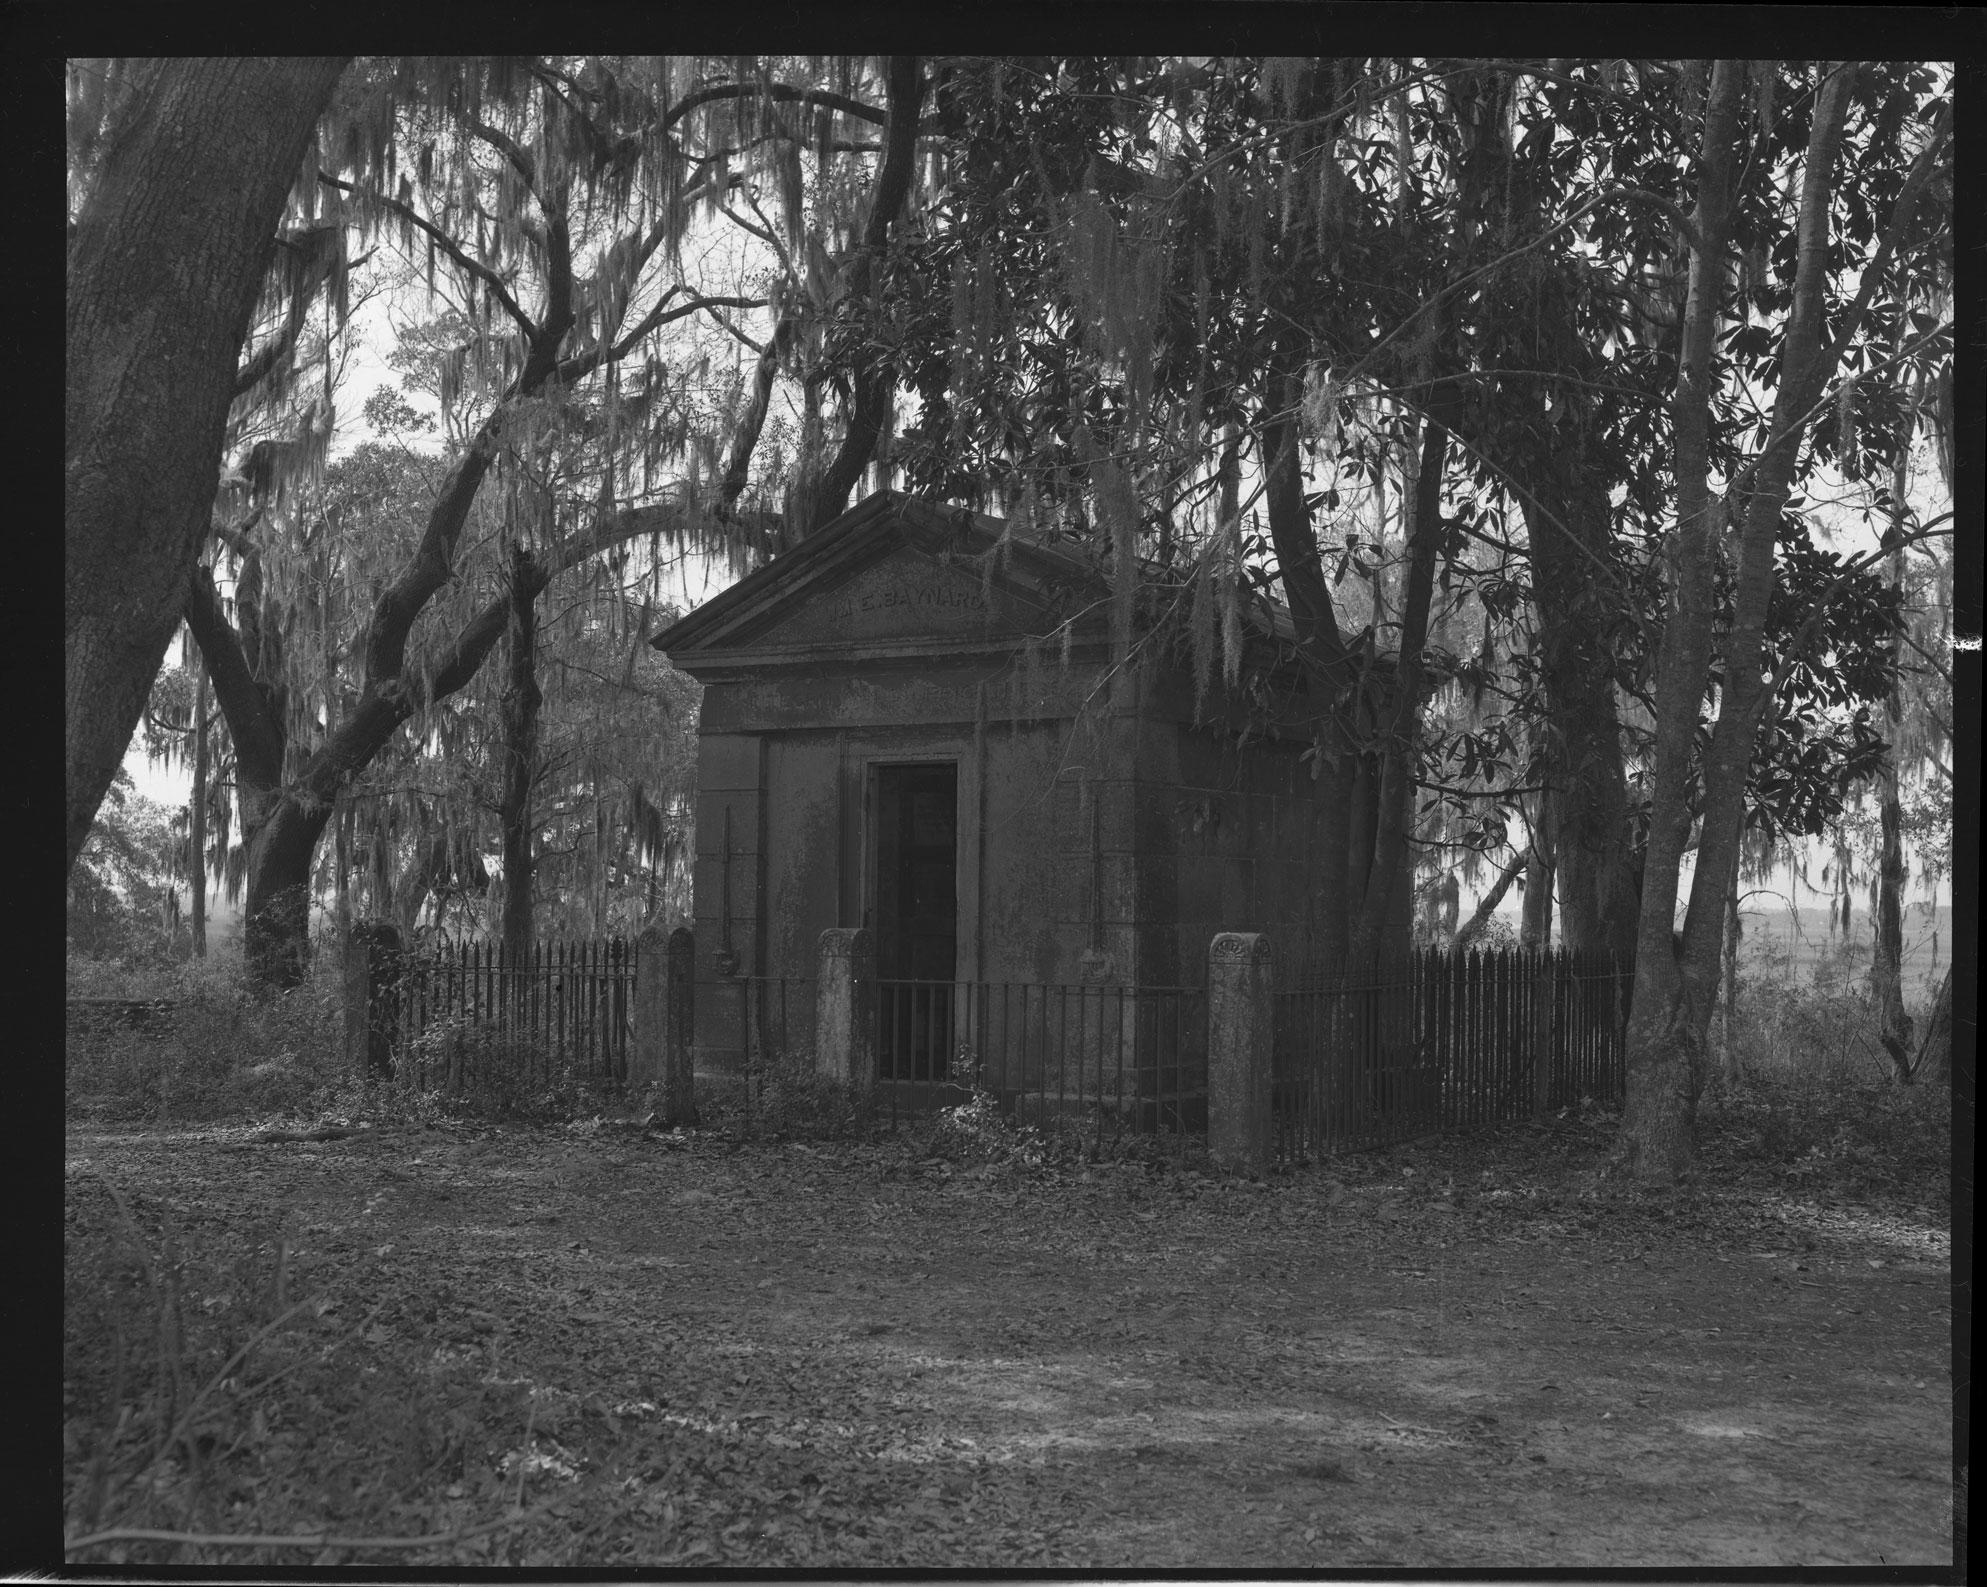 Baynard Mausoleum, Hilton Head Island, SC